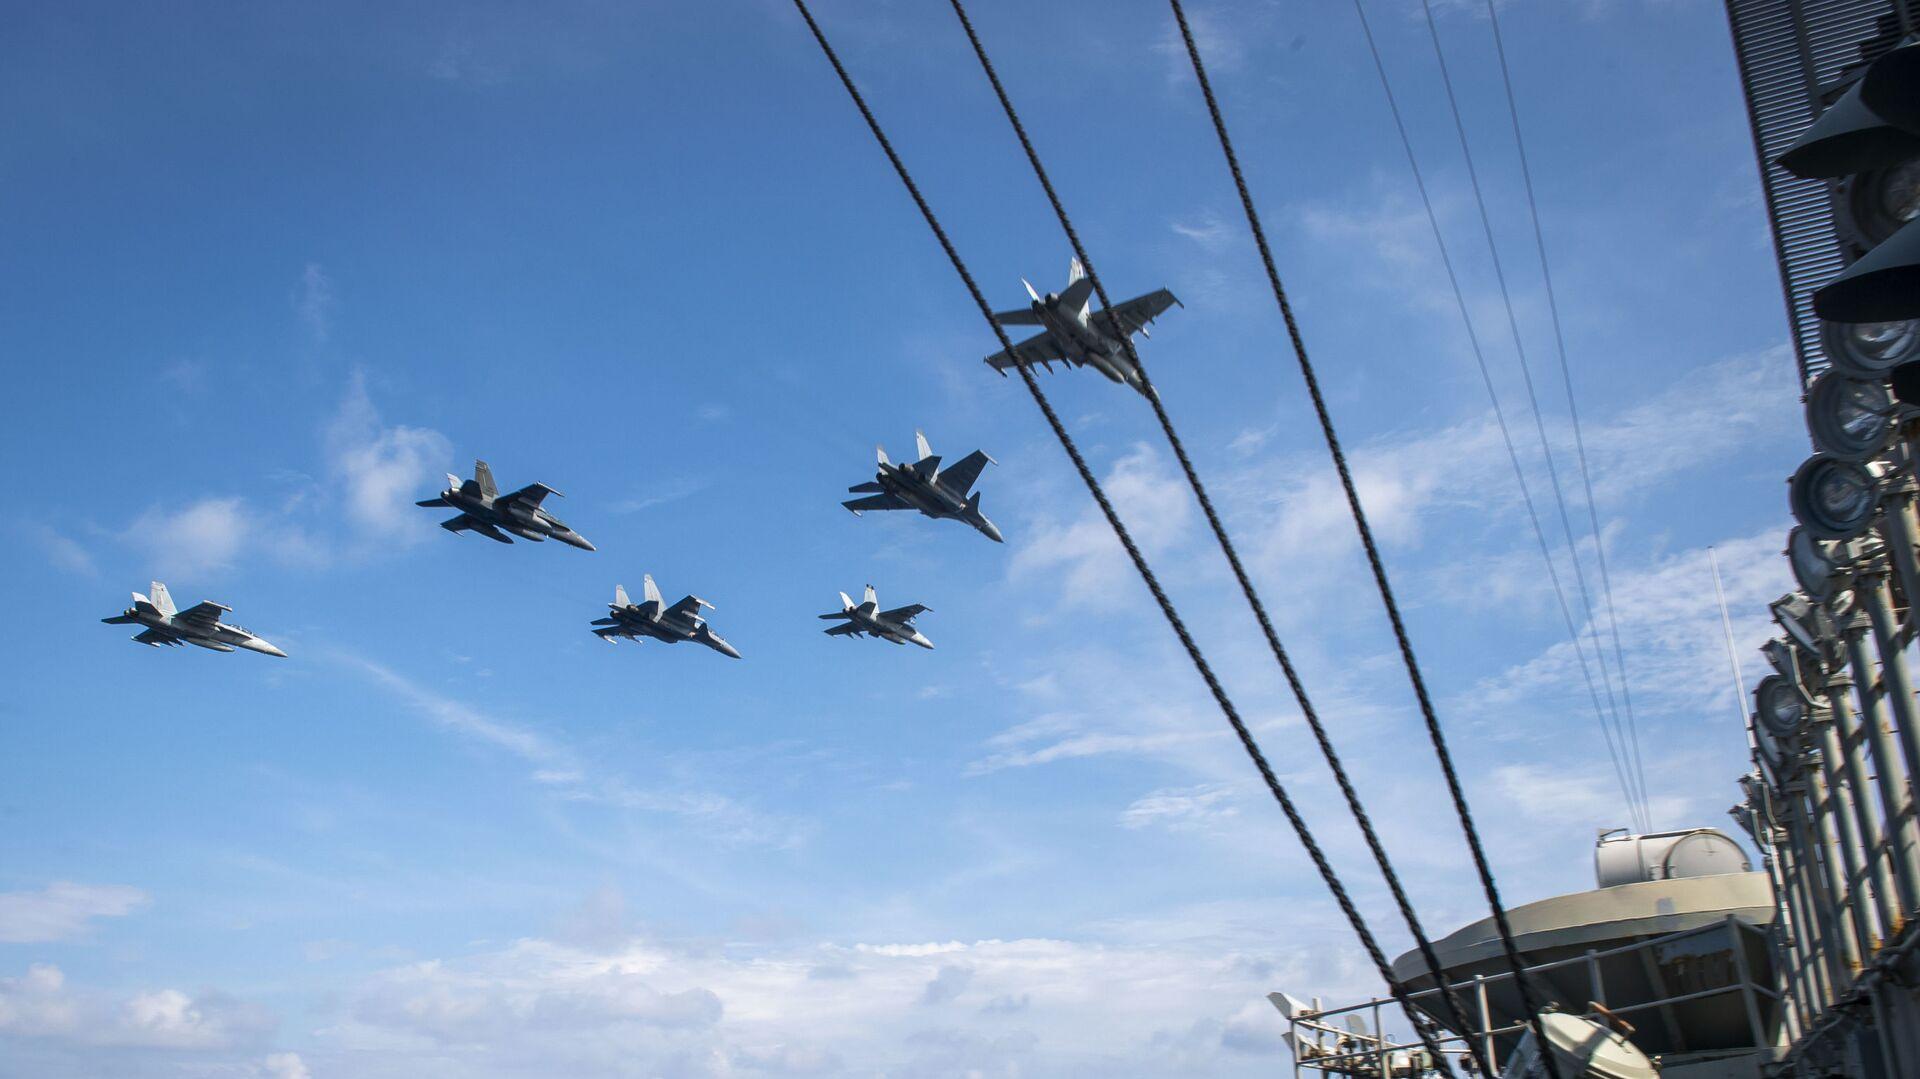 Máy bay Không lực Hoàng gia Malaysia (RMAF) bay qua hàng không mẫu hạm USS Theodore Roosevelt trong  cuộc tập trận ở Biển Đông. - Sputnik Việt Nam, 1920, 07.04.2021